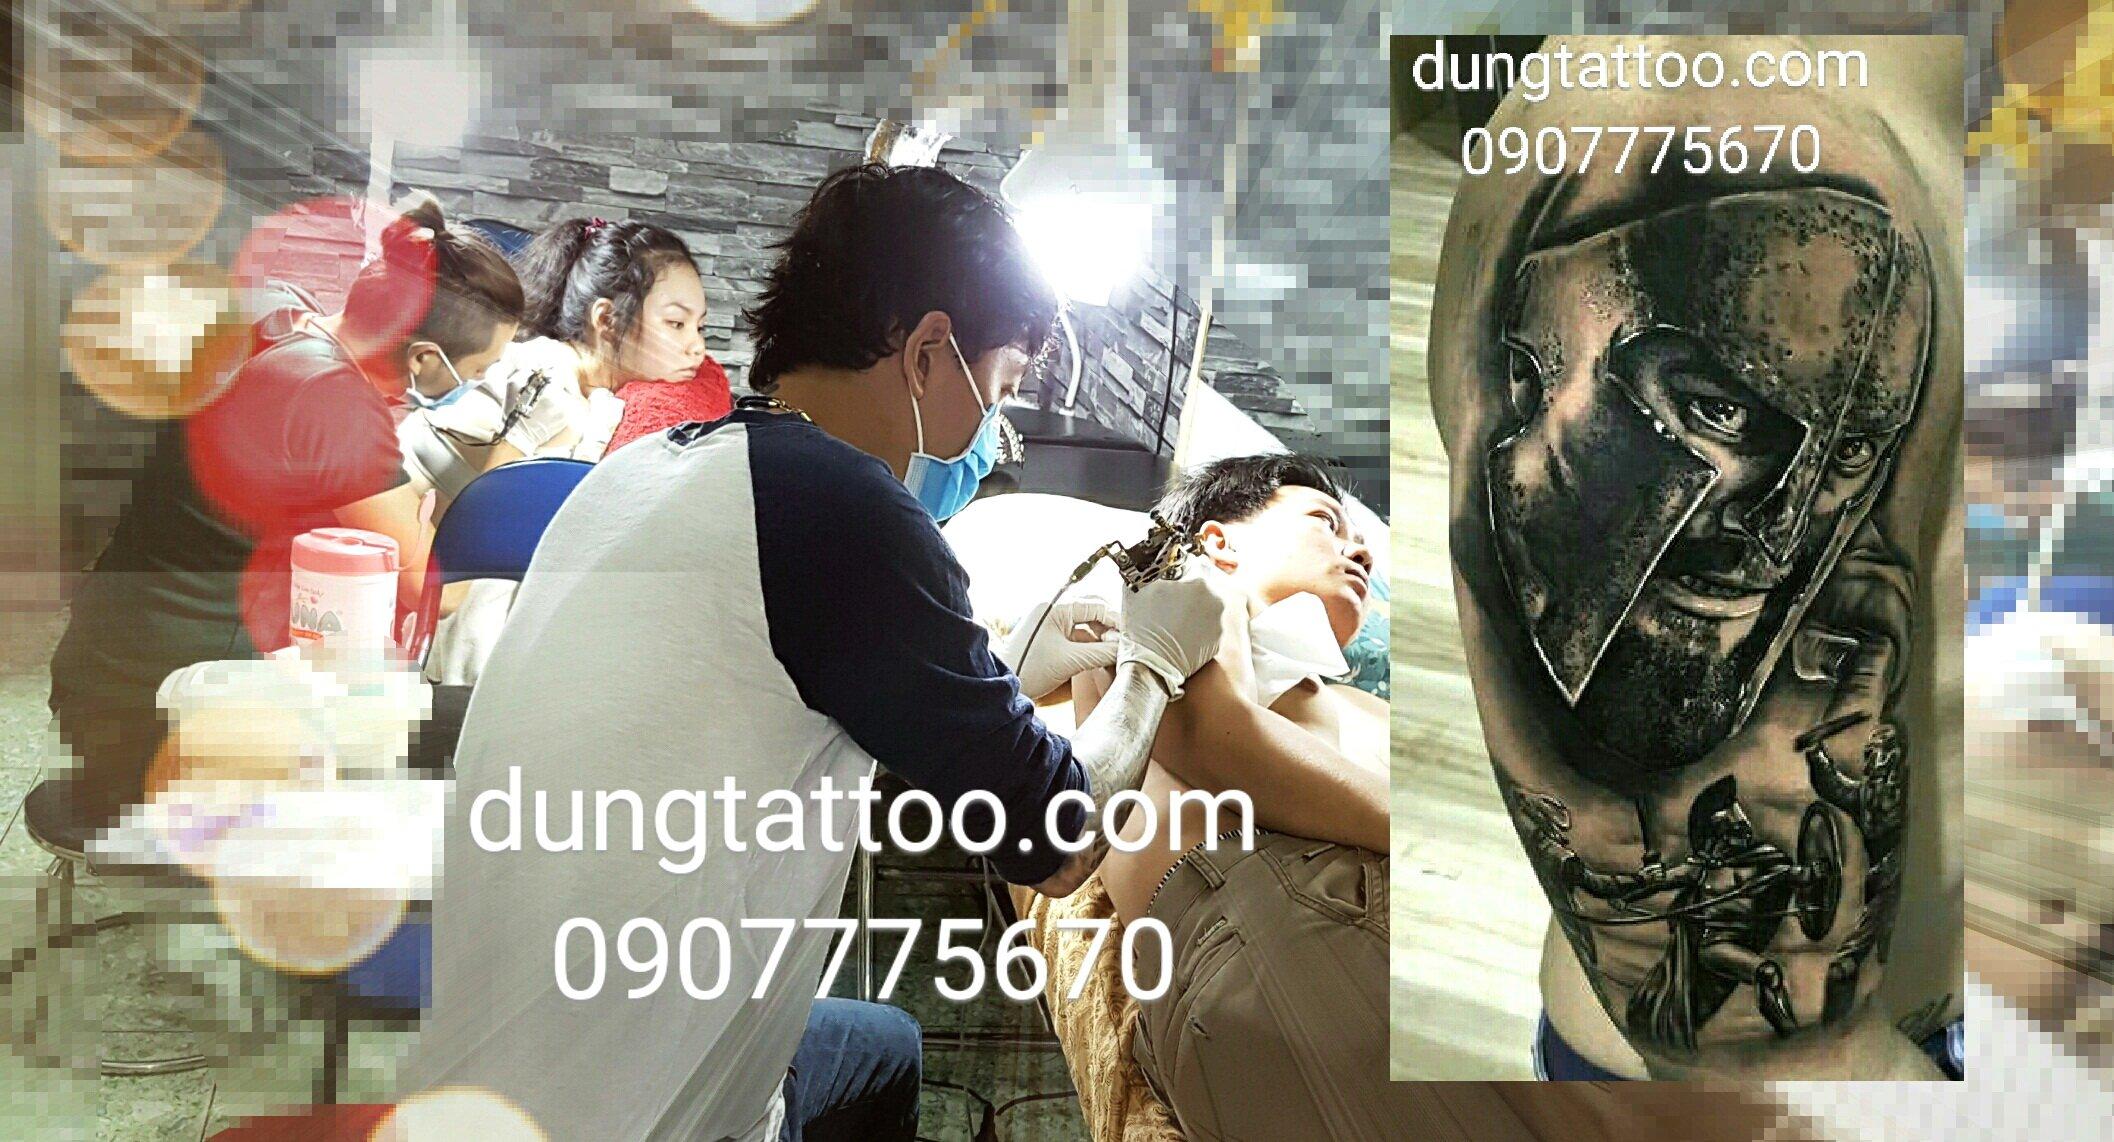 -xam-nghe-thuat-vinh-vien-dung-tattoo-chuyen-3d-gia-re-dep-hcm-0907775670